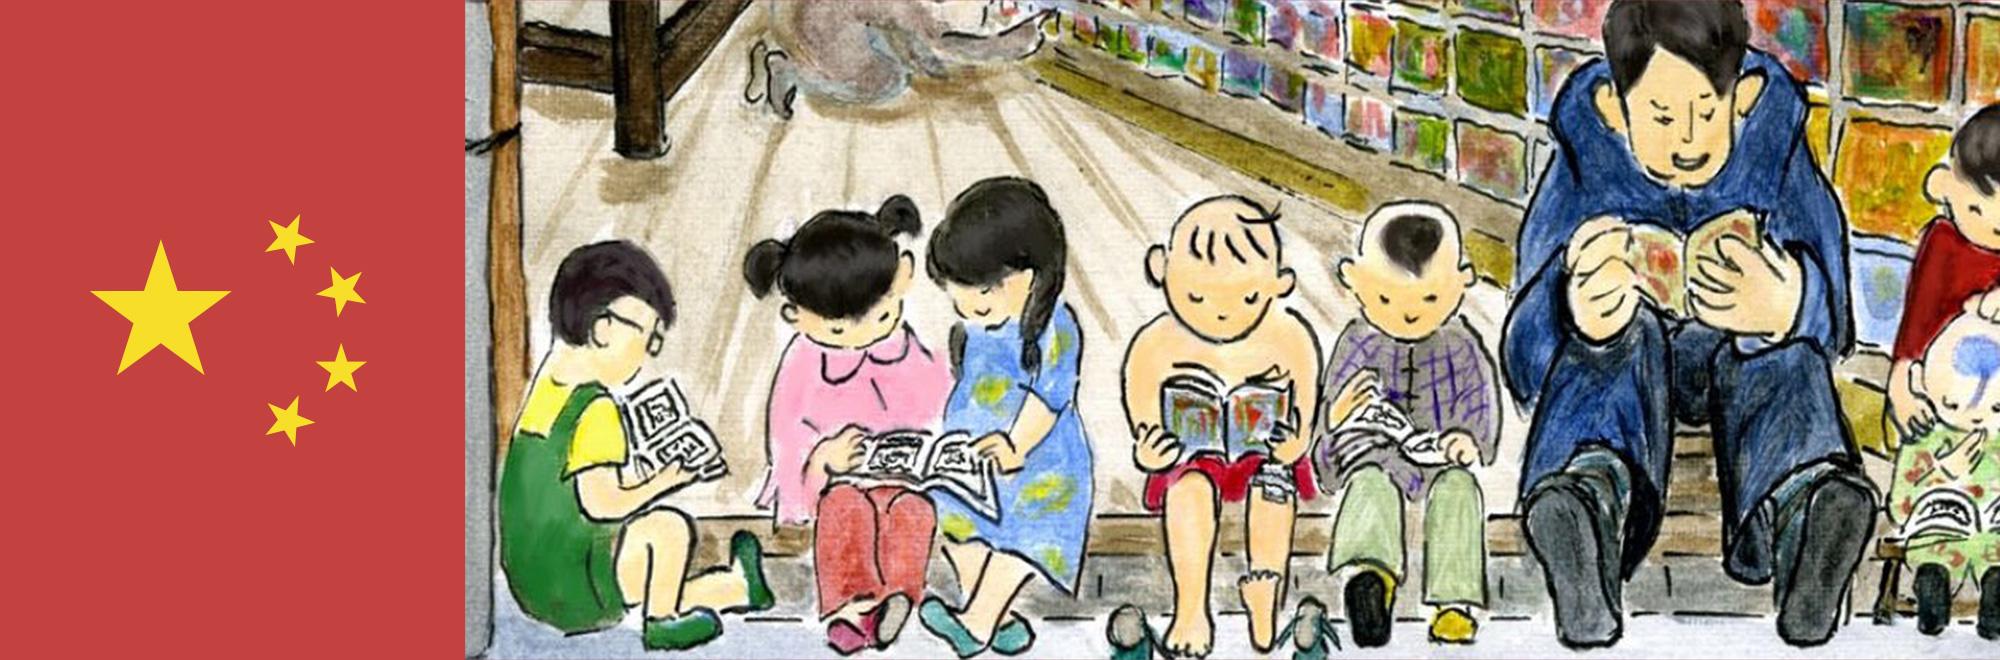 Китай: від мільйонних накладів Україну відділяють перекладачі